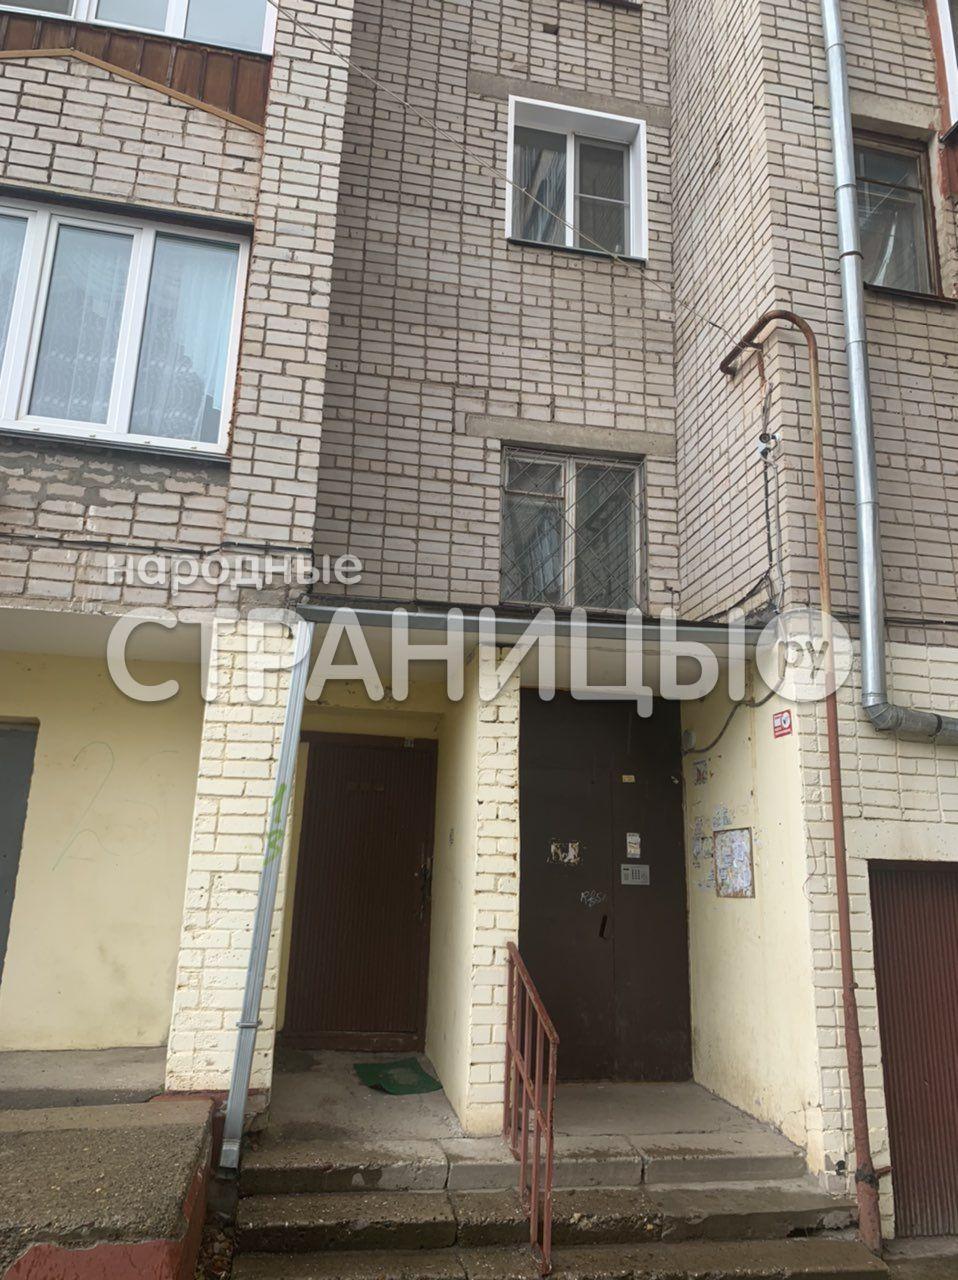 1-комнатная квартира, 34.0 м²,  1/1 эт. Кирпичный дом, Вторичное жилье